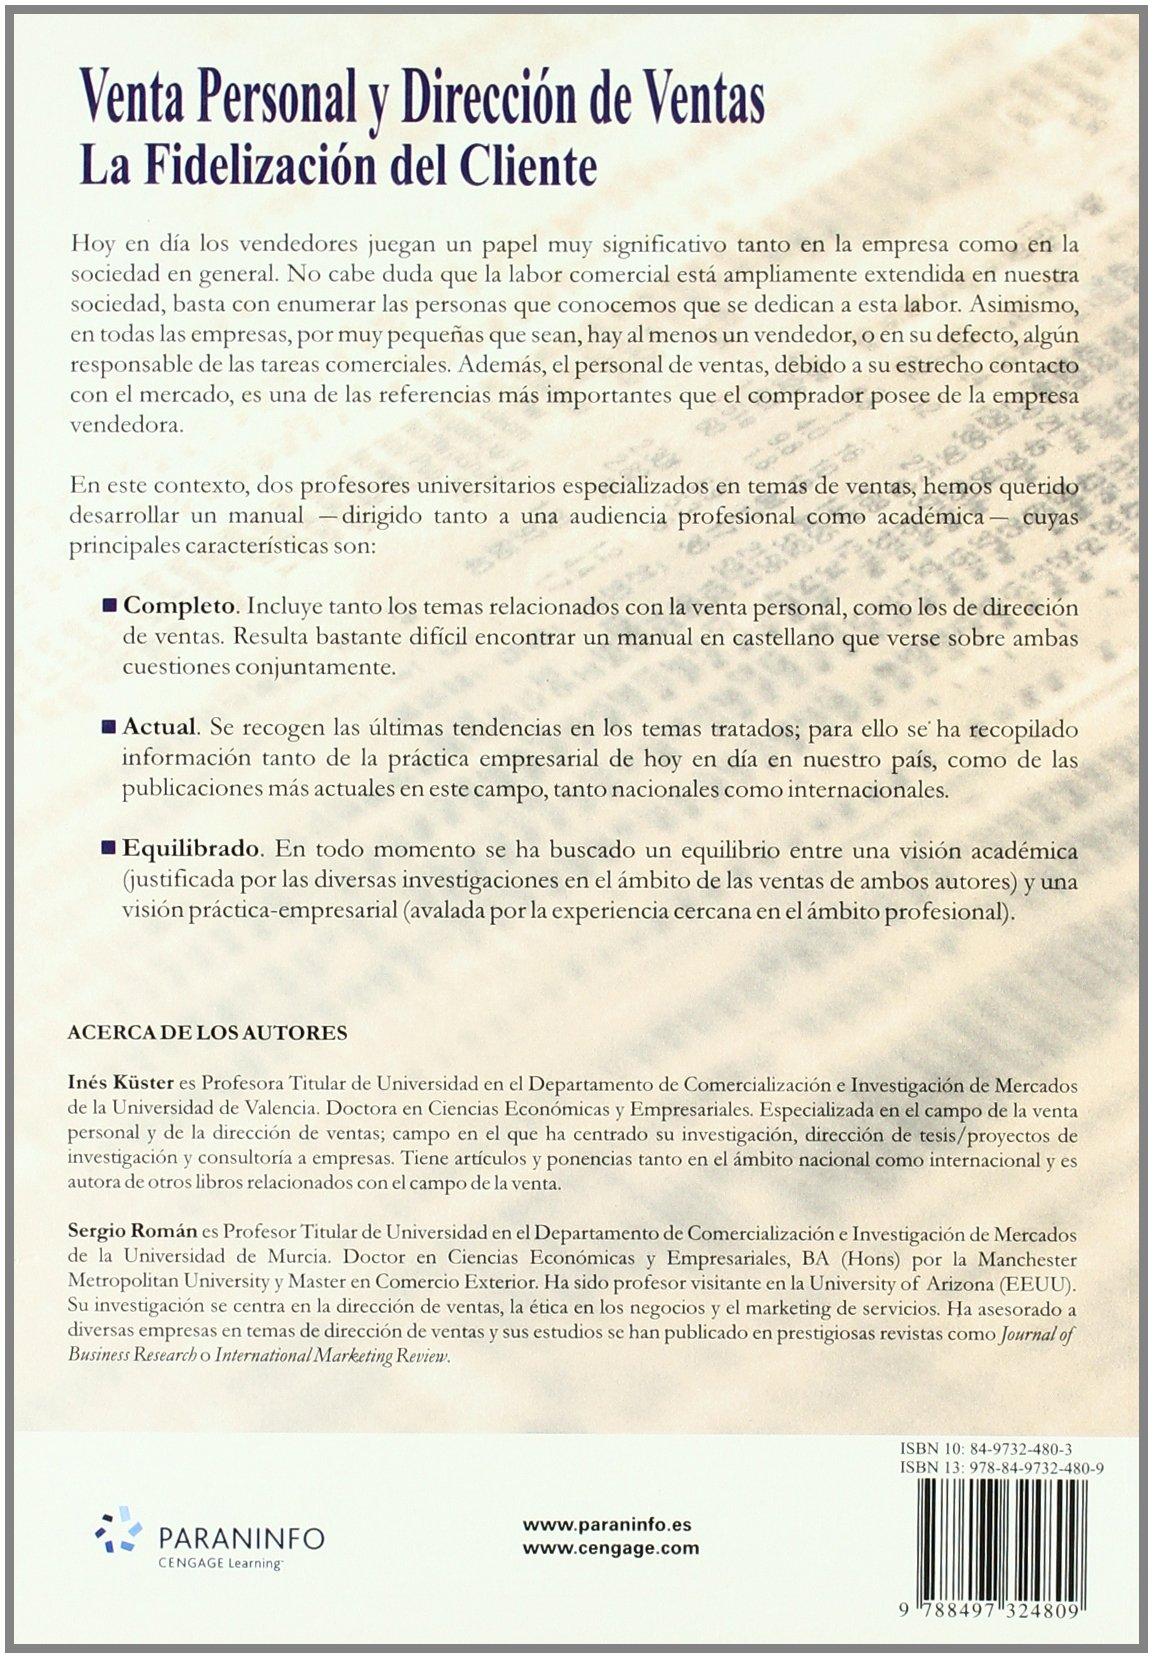 Manual del profesor de ventas (Spanish Edition)